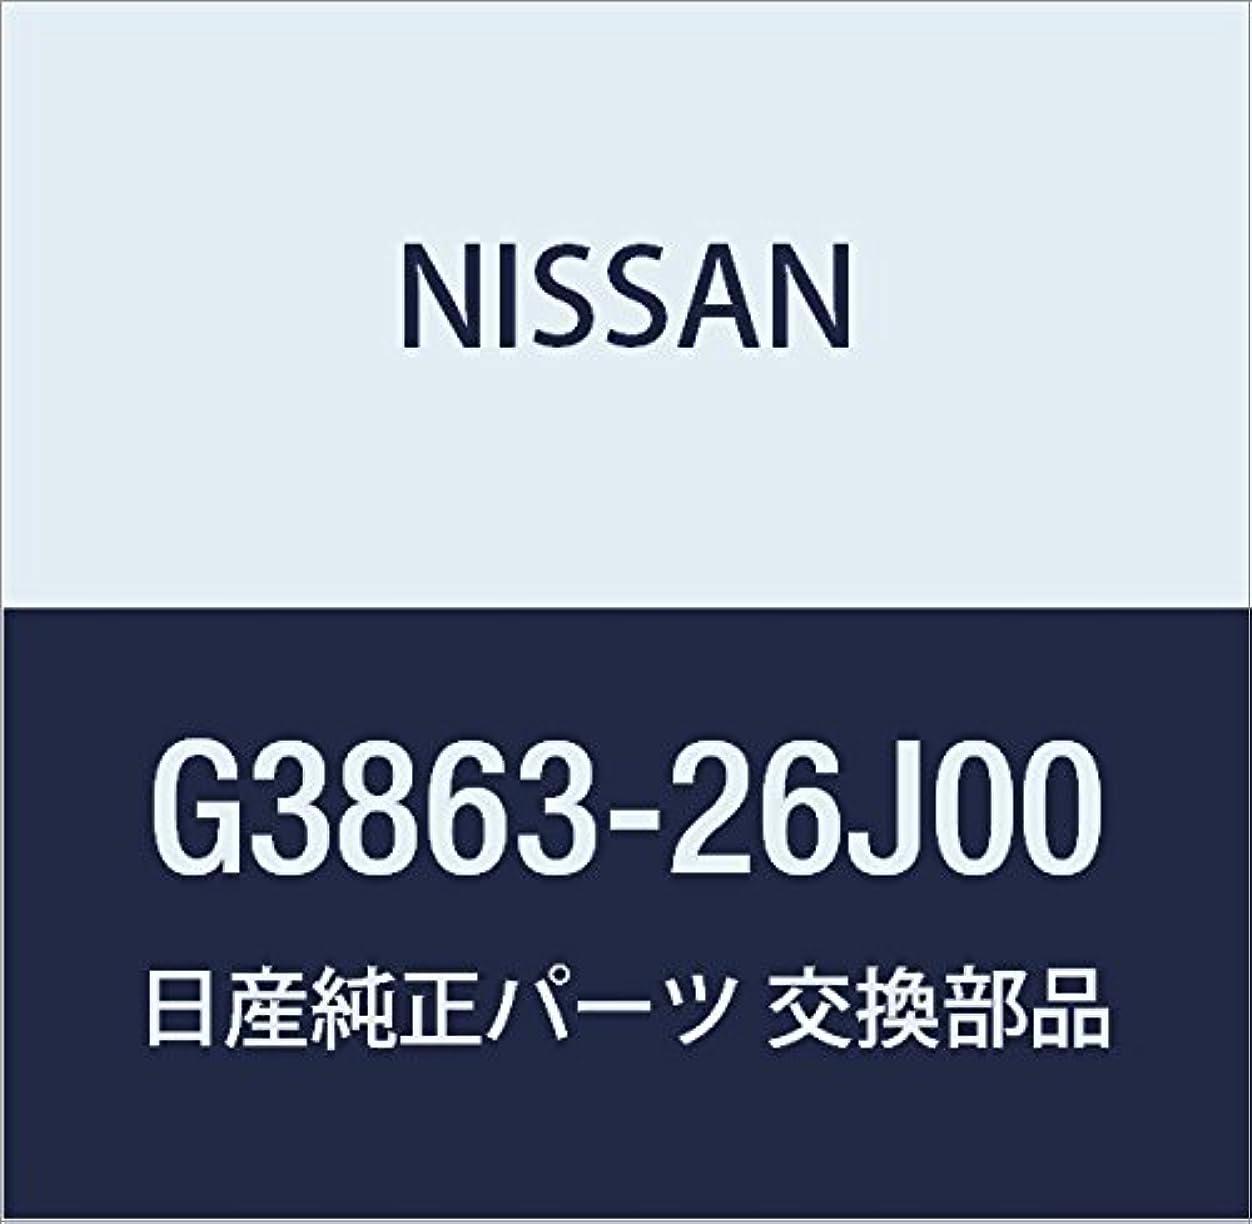 温かい肥沃な迷信NISSAN(ニッサン)日産純正部品フック スキ- ラック G3863-26J00